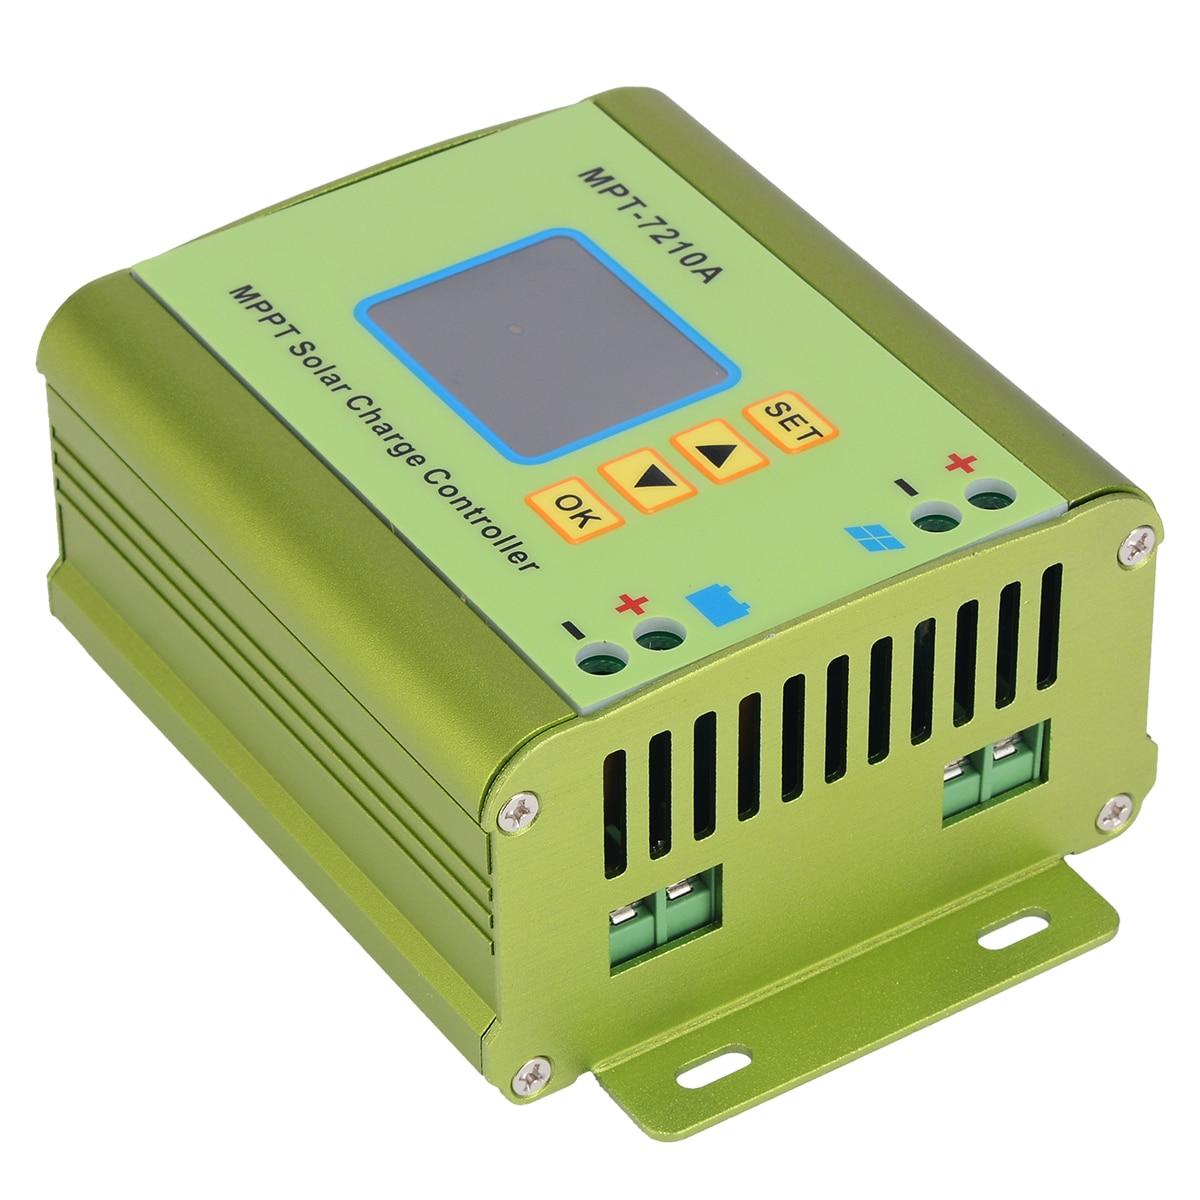 Contrôleur de Charge de batterie de panneau solaire MPPT régulateur de contrôleurs solaires d'affichage à cristaux liquides pour le système de batterie de 24/36/48/60/72 V 10A